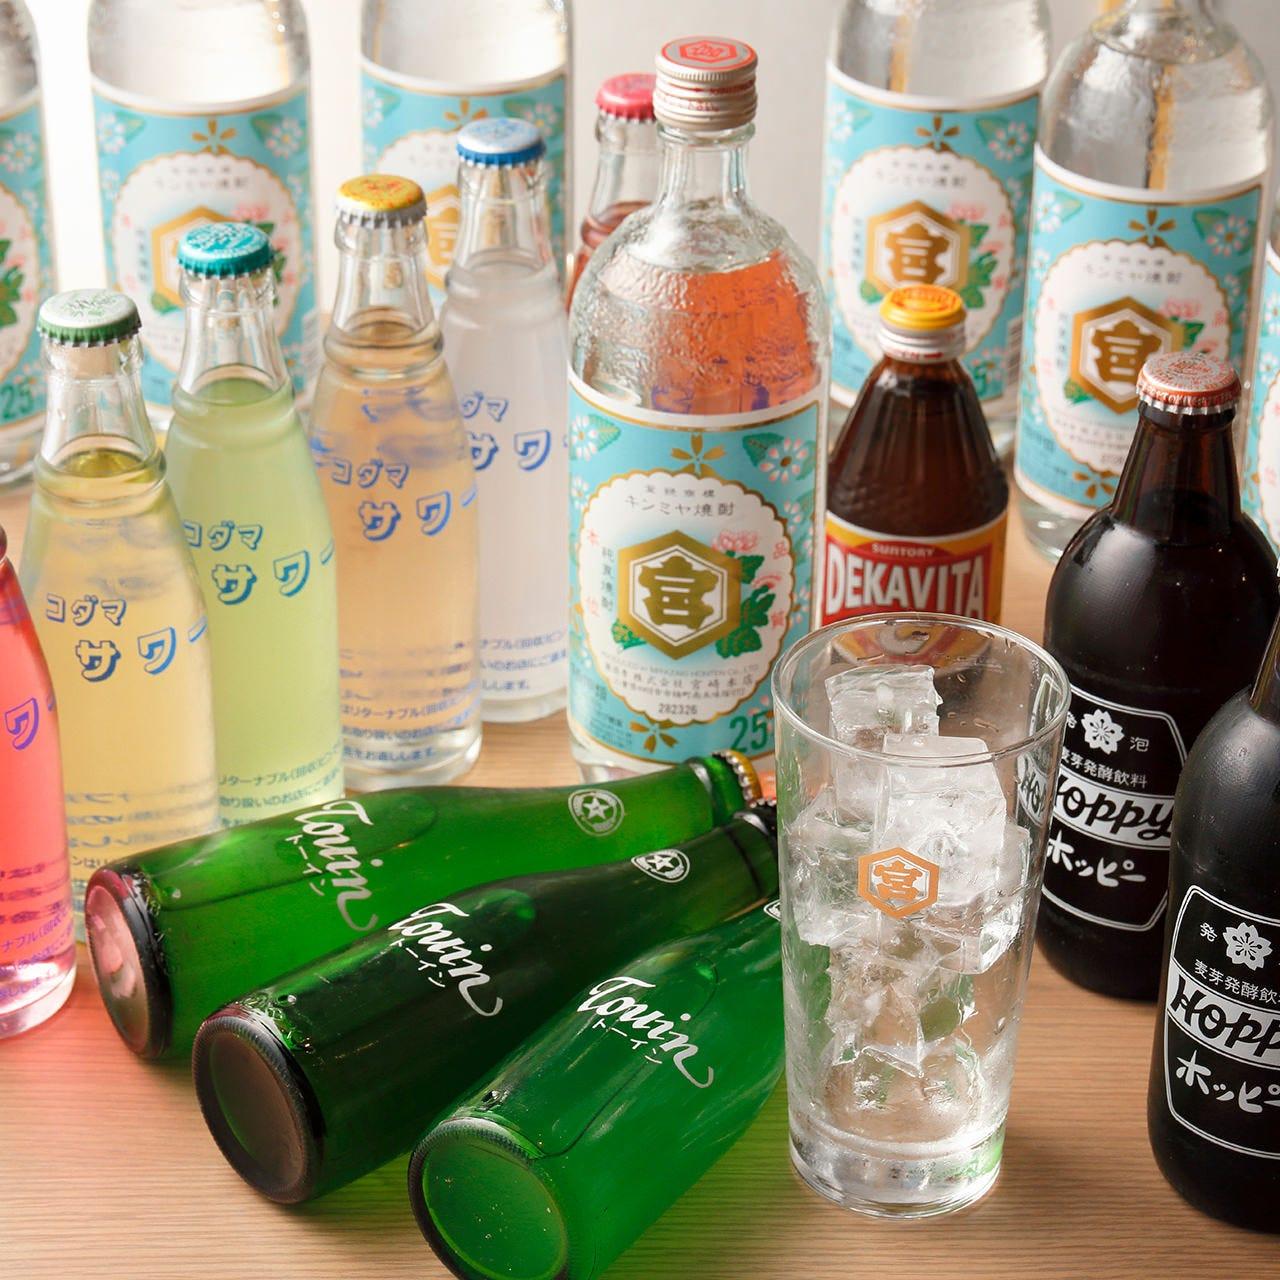 生ビールやハイボール、生レモンサワー、ワインも好きなだけ『単品2時間飲み放題プラン』